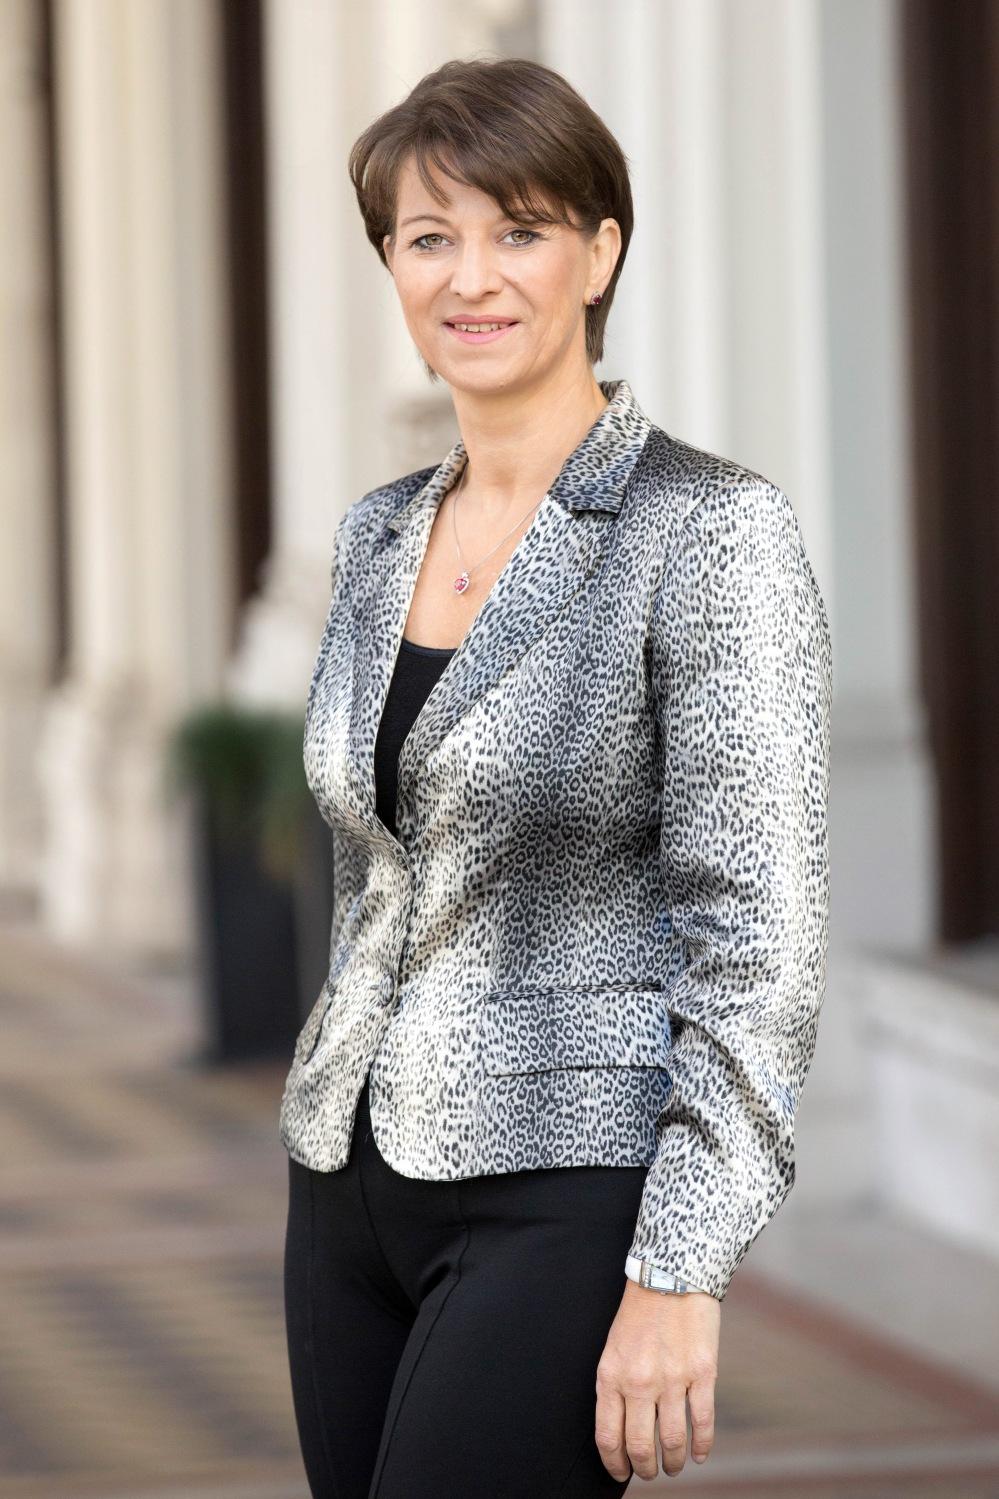 Maria Neumann